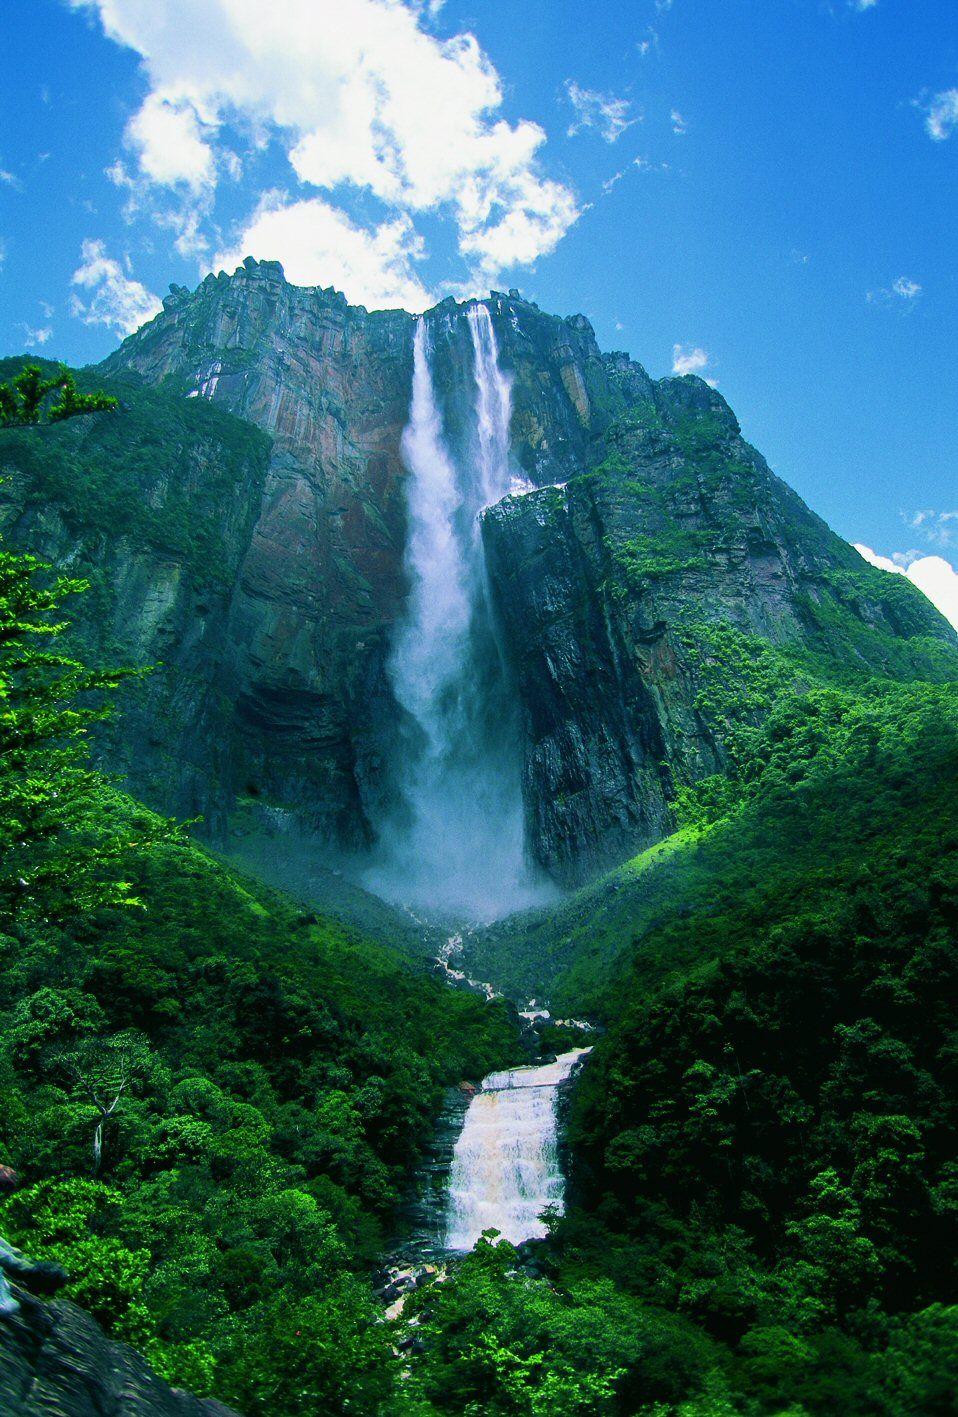 Pin De Rich Dudley Em Mexico Lindas Cachoeiras Lugares Para Ir Lugares Bonitos